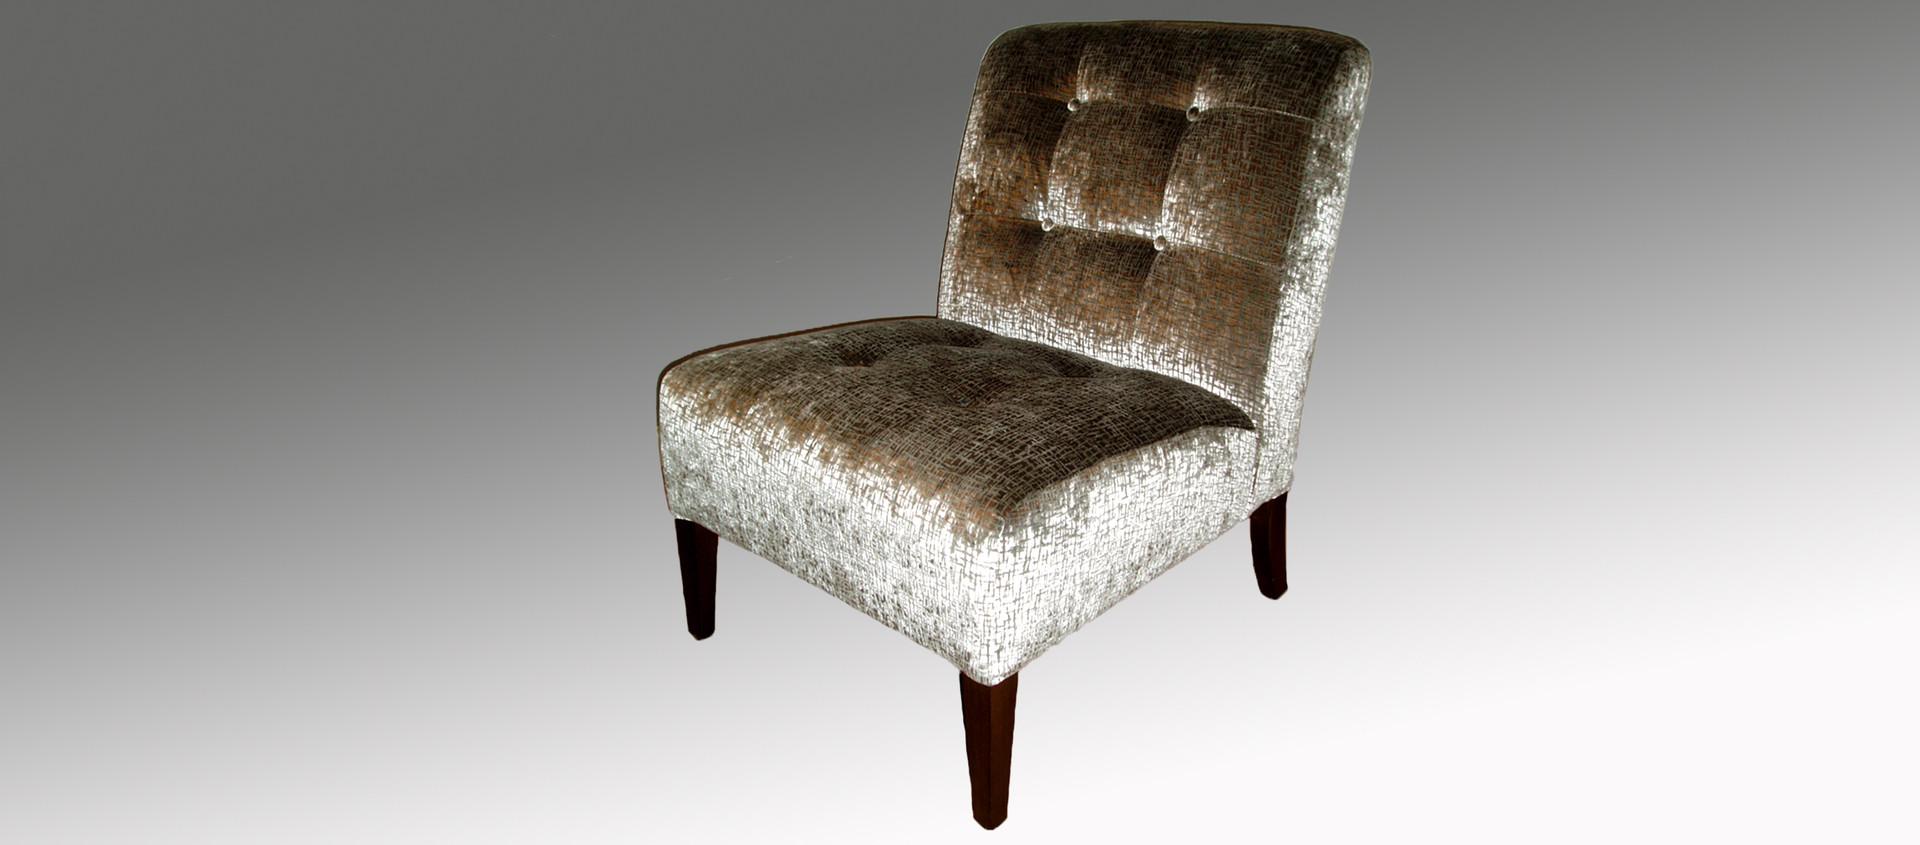 Marbella Chair